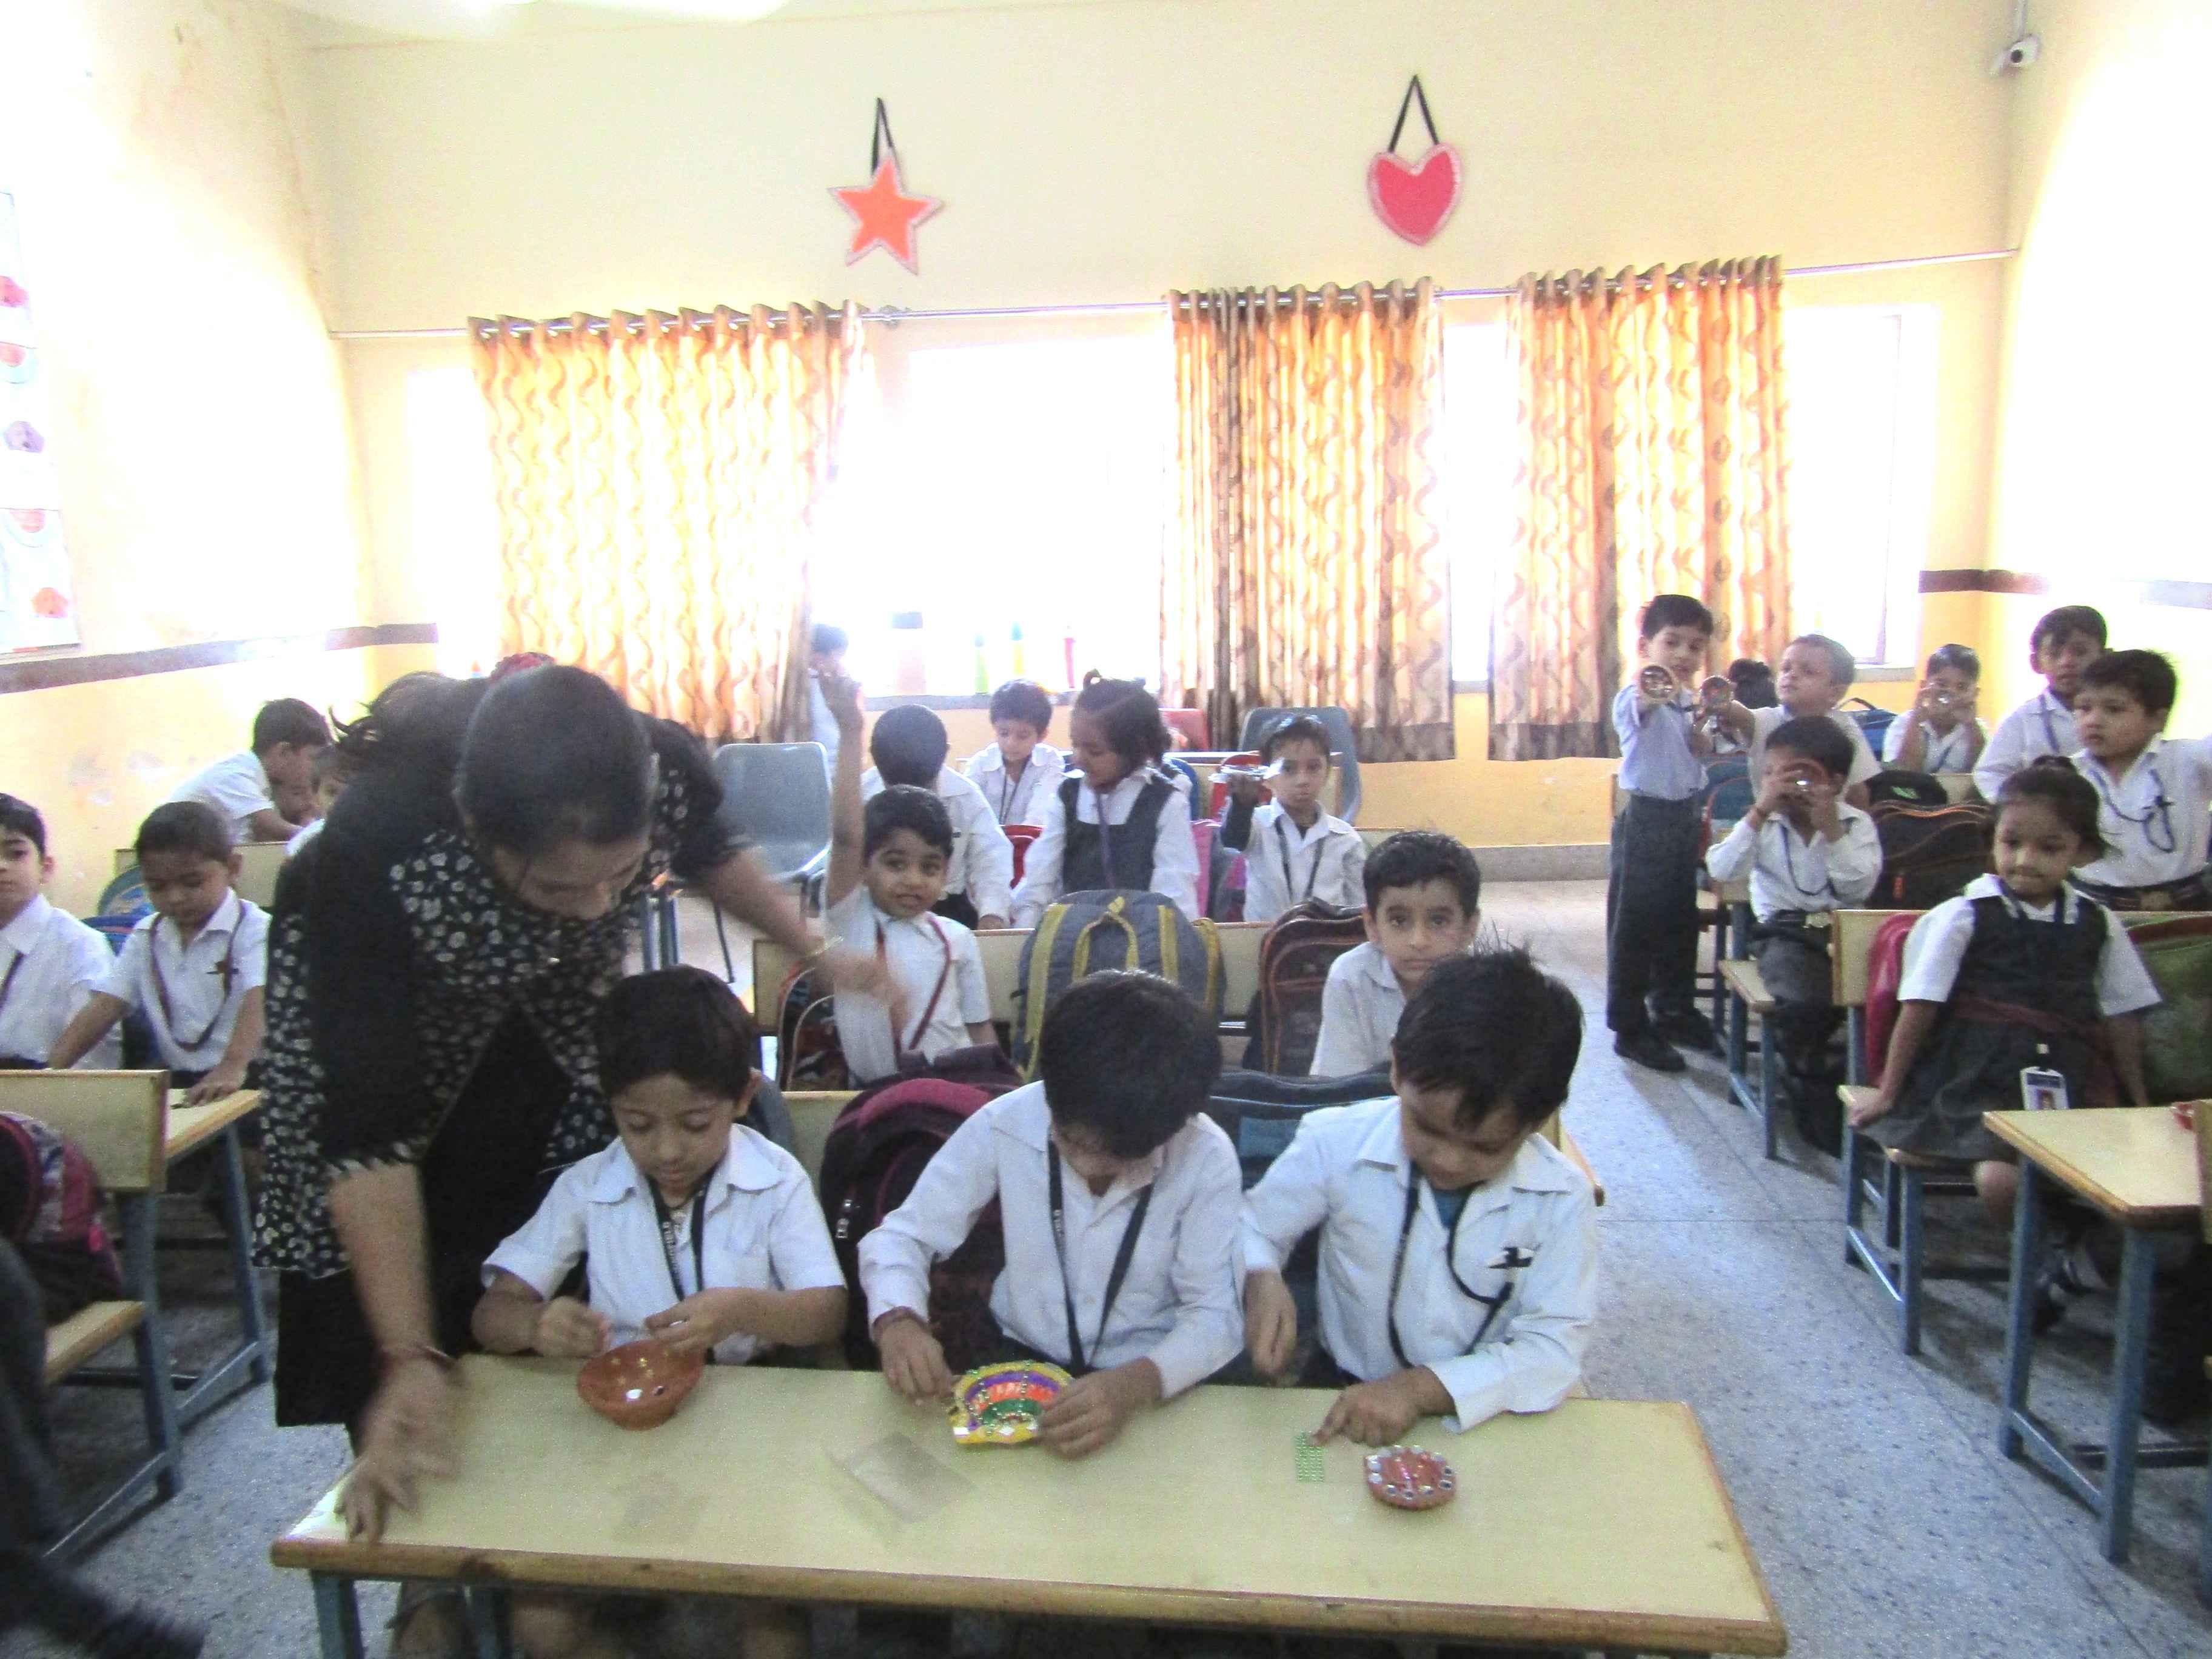 Diya Decoration Pre-Primary Activity